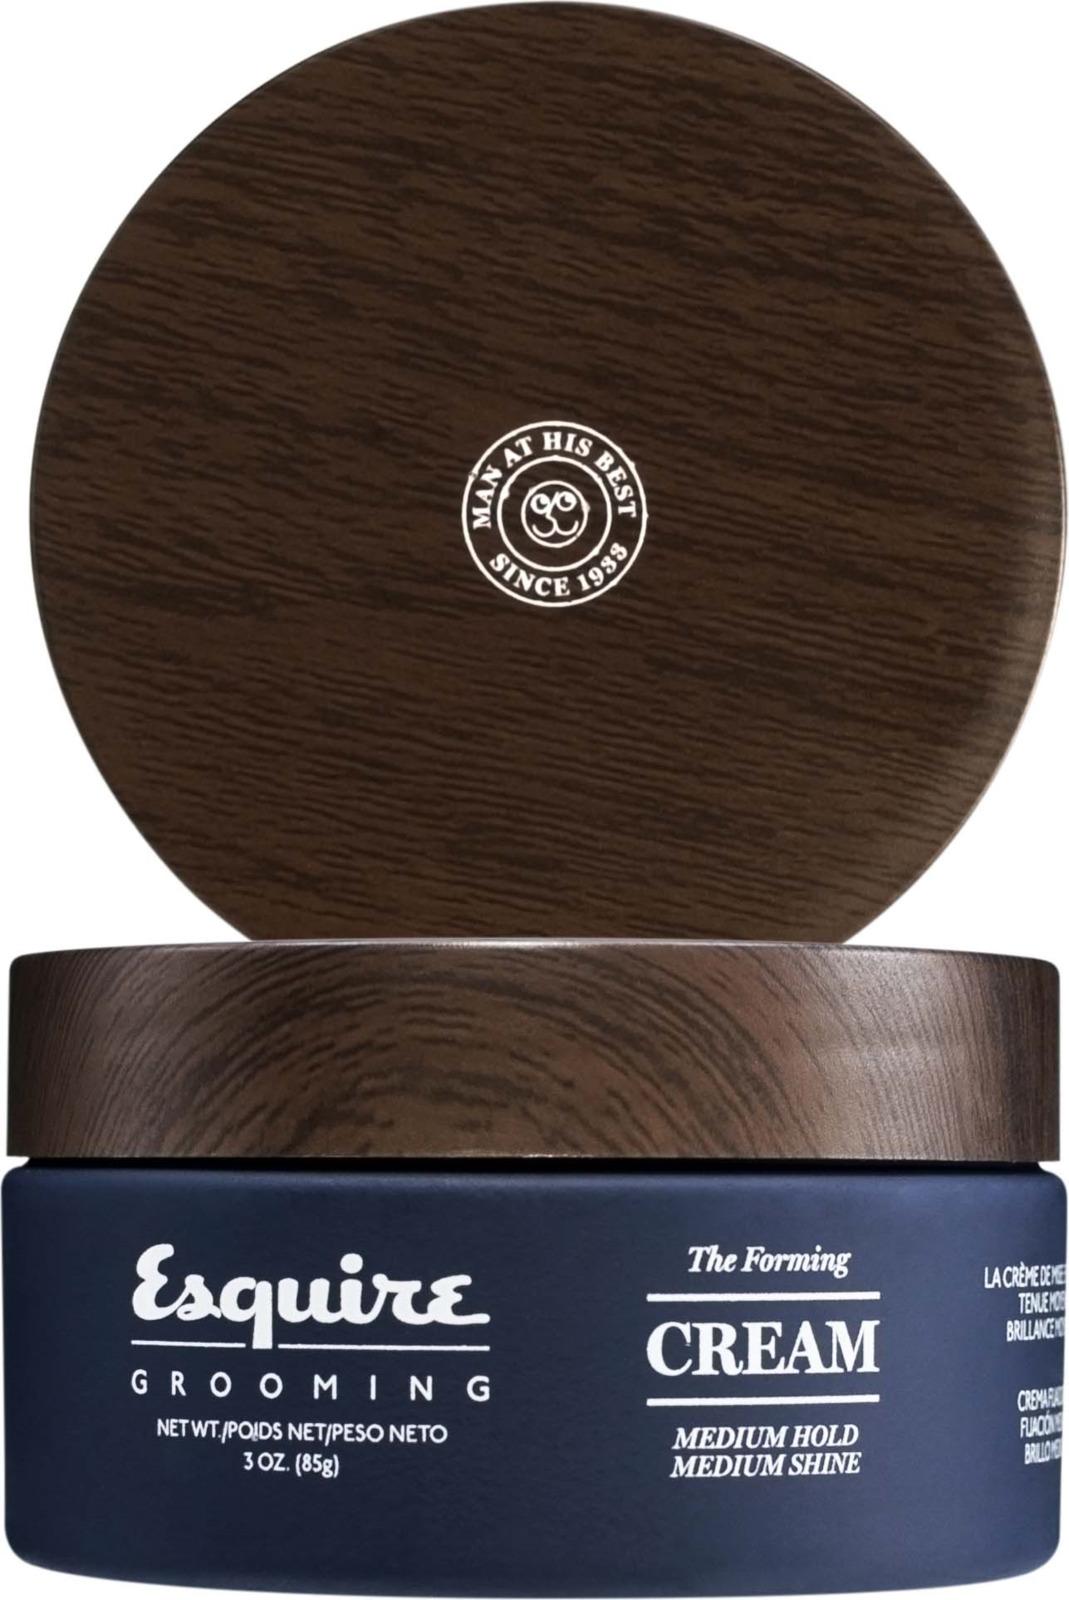 Крем для укладки волос Esquire Grooming, для мужчин, средняя степень фиксации, средний глянец, 85 г